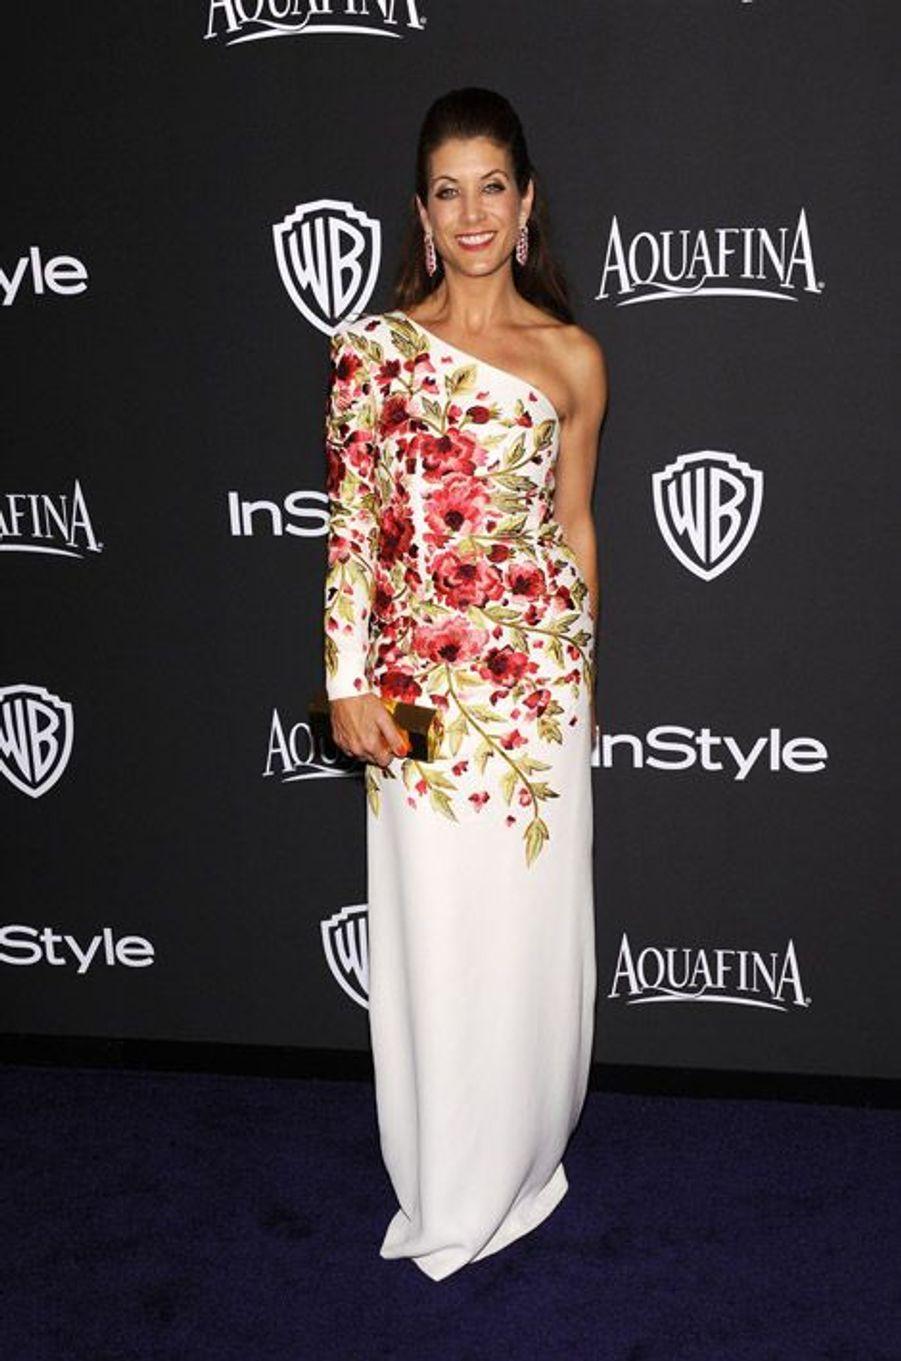 Kate Walsh à la soirée InStyle organisée avant les Golden Globes, le 11 janvier 2015